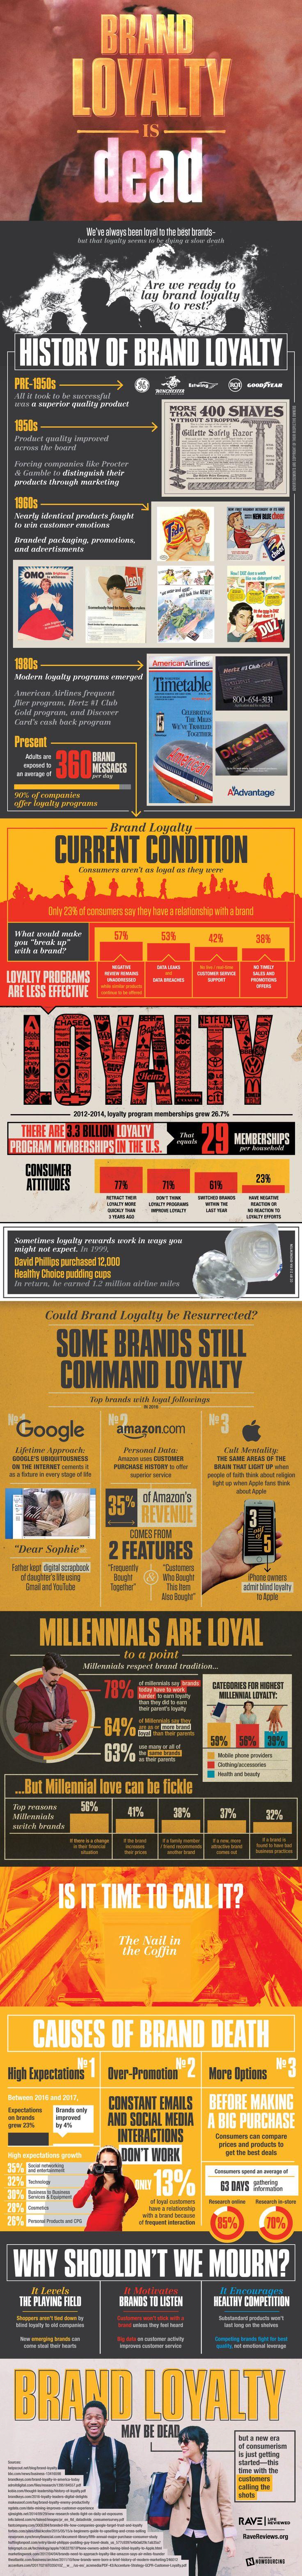 Infografía: la lealtad a tu marca ha muerto. #marketing